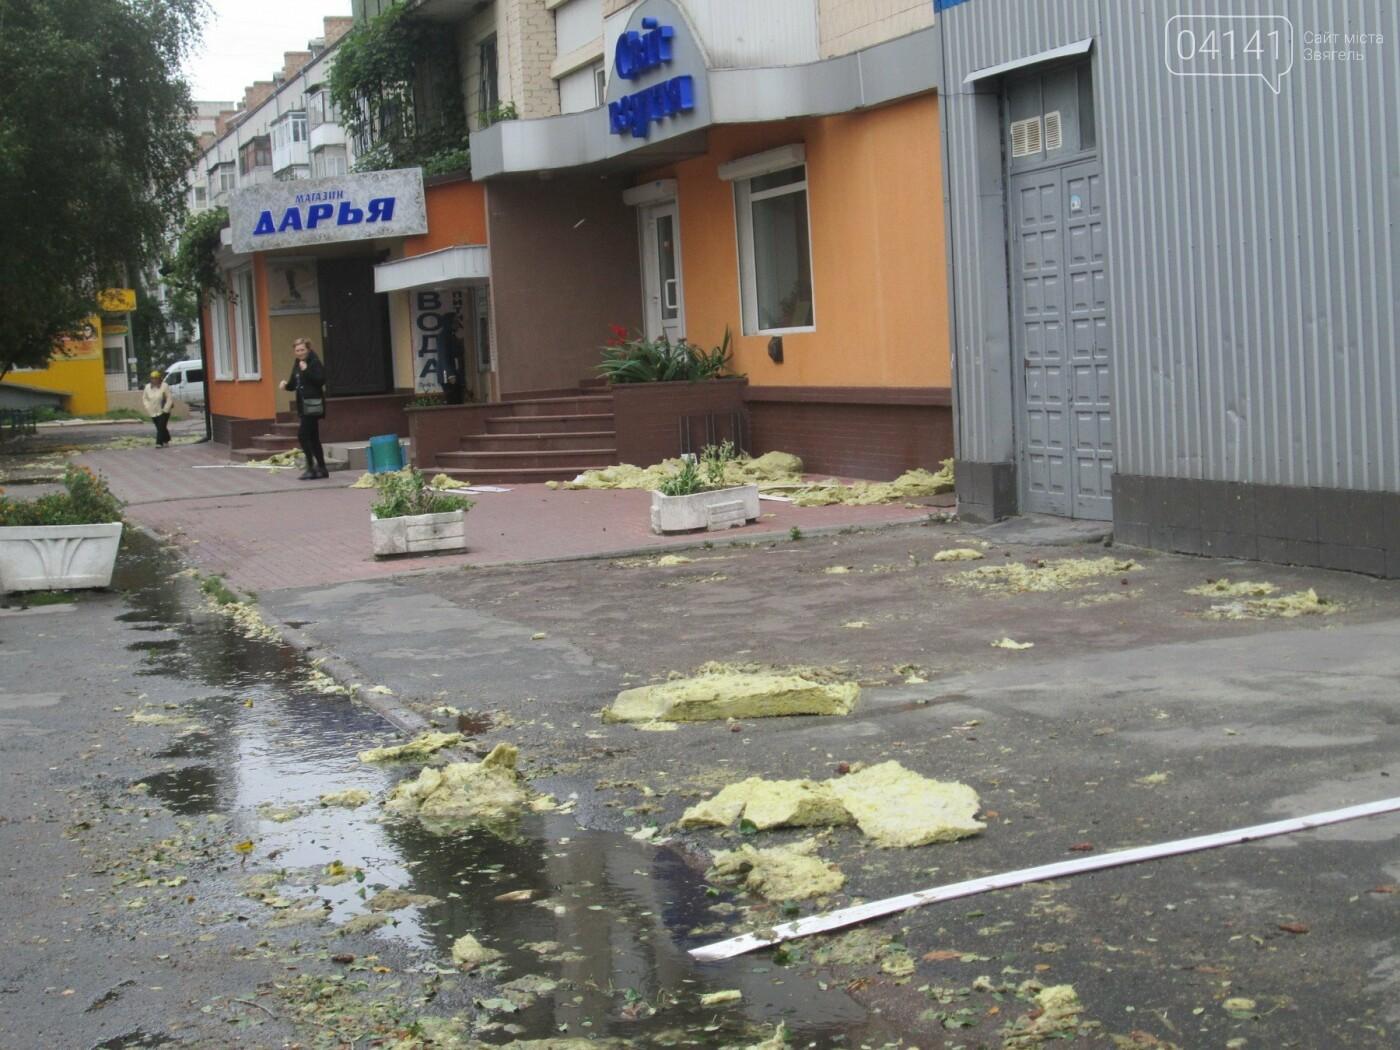 У Новограді-Волинському вітер наробив лиха (ФОТО, ВІДЕО), фото-1